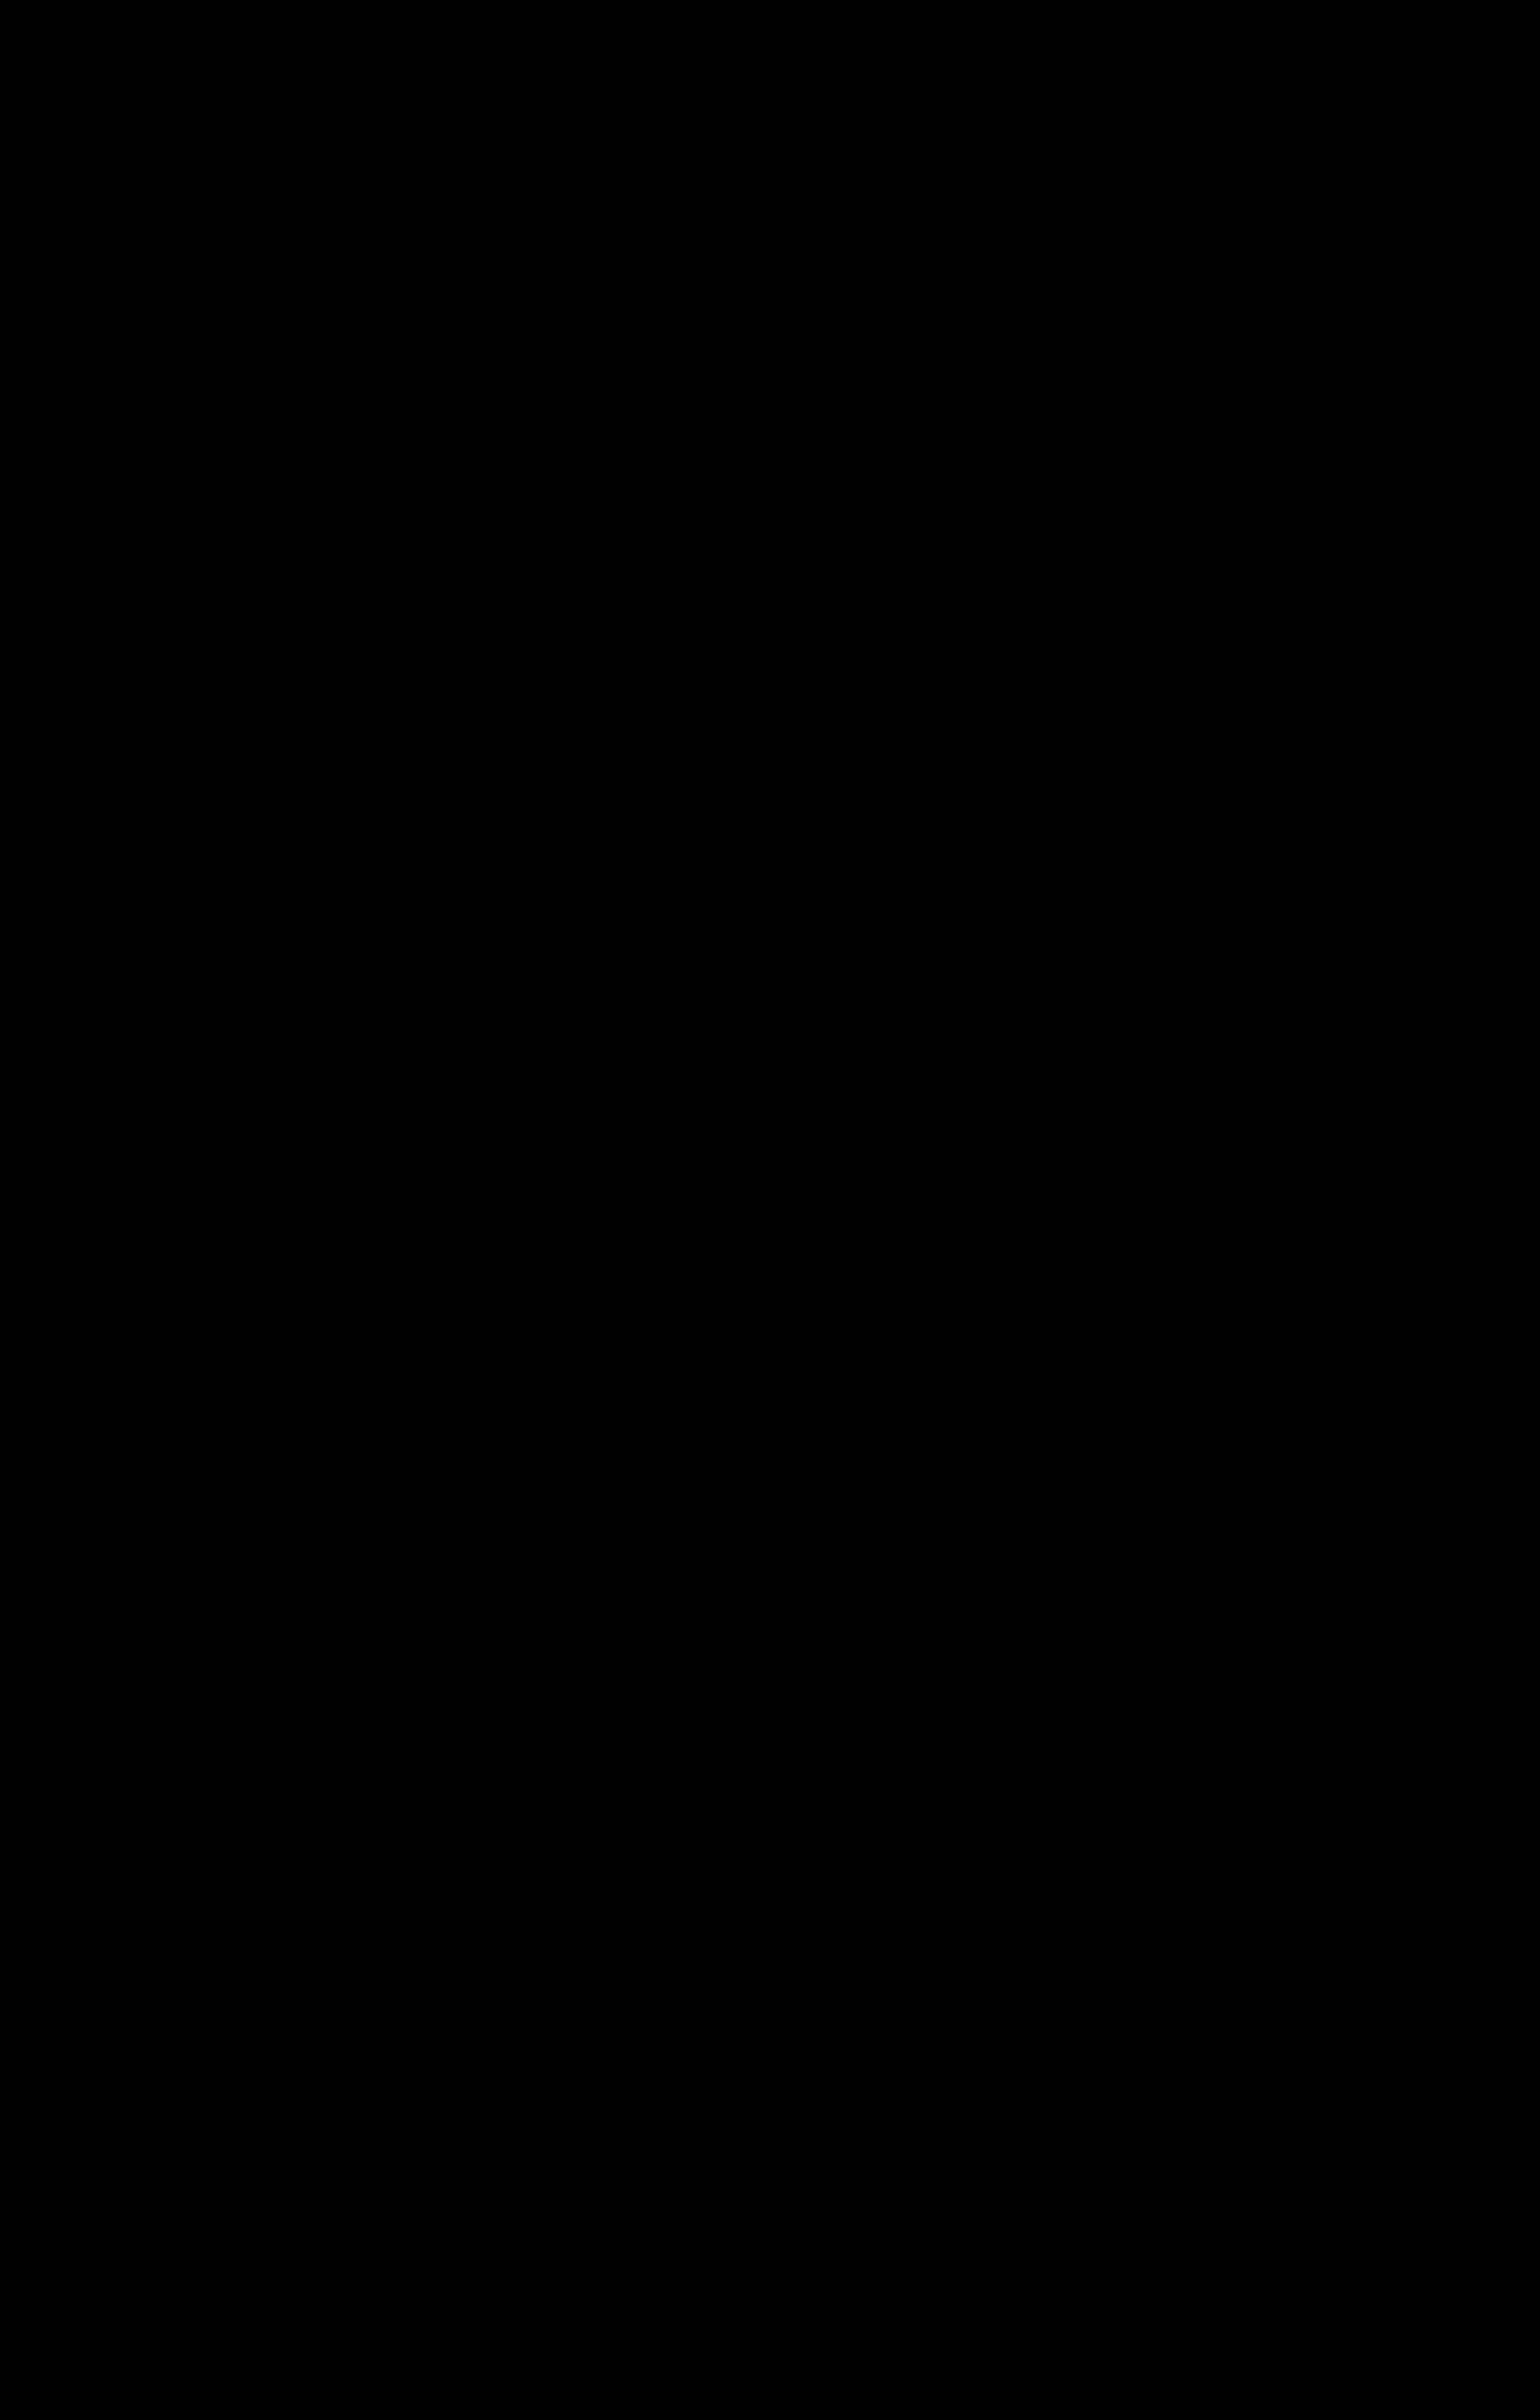 Paragraf R STATA SPSS Statistik Nachilfe Tutor Hilfe statistisches Problem Unterstützung Statistiknachhilfe Innsbruck Student Studentin Seminararbeit Bachelorarbeit